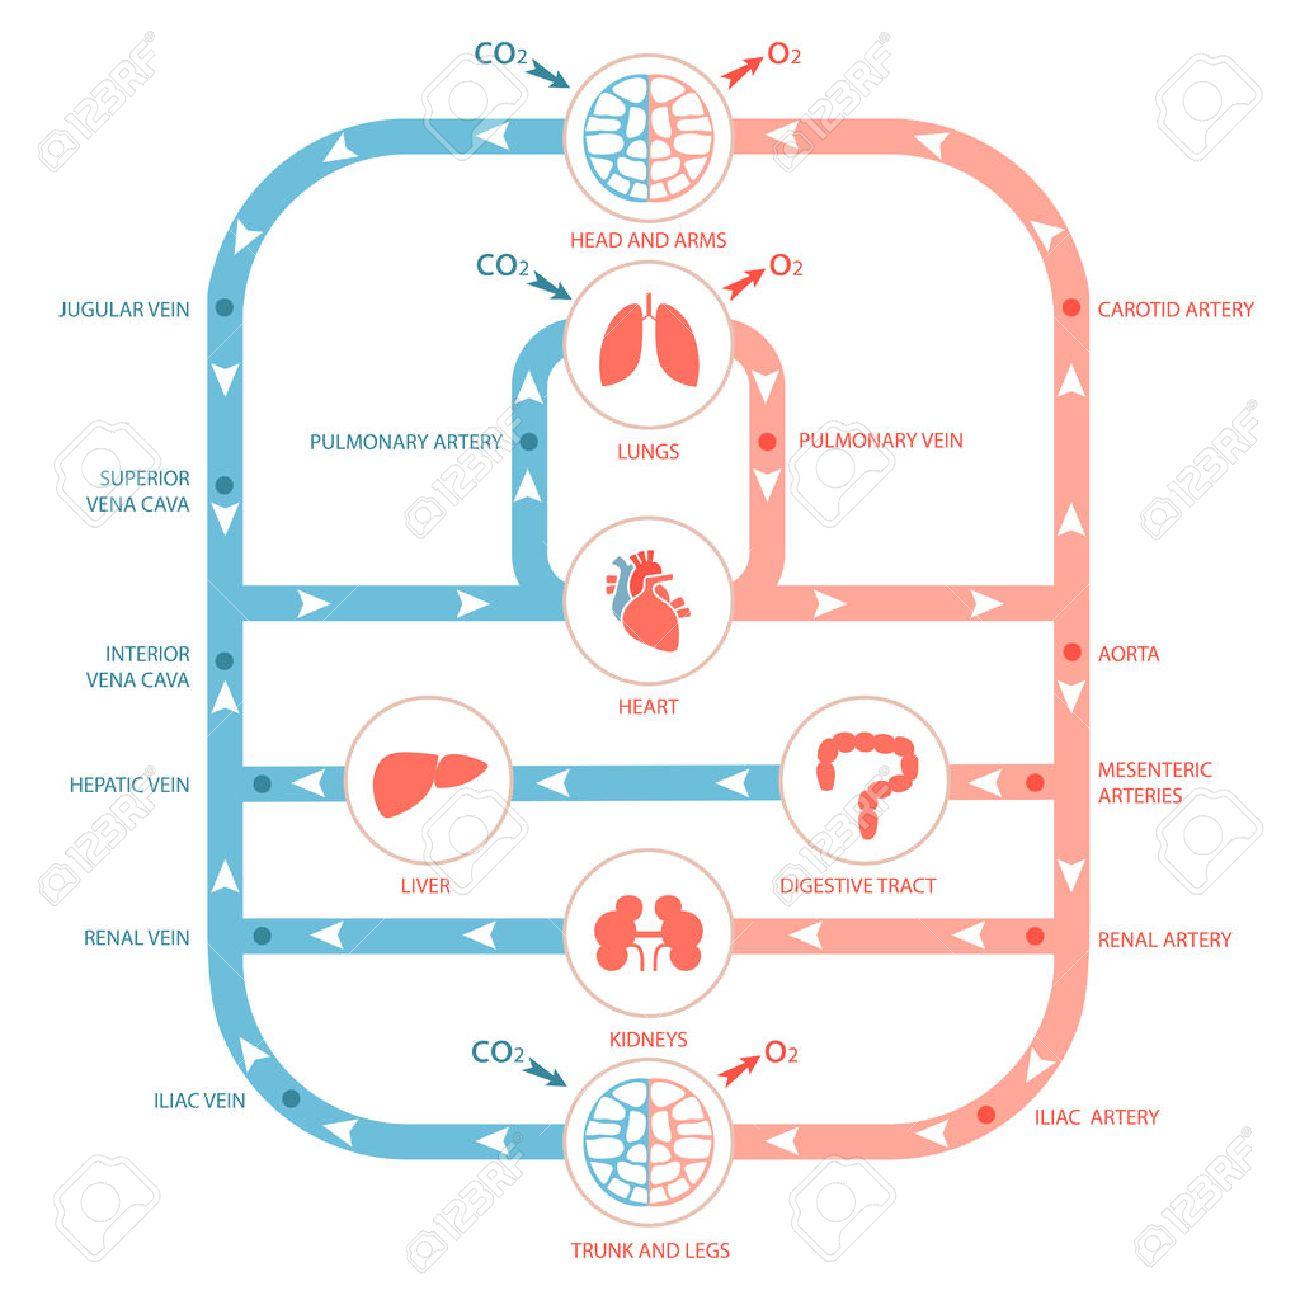 La Anatomía Del Corazón, El Sistema Circulatorio, Las Arterias De La ...